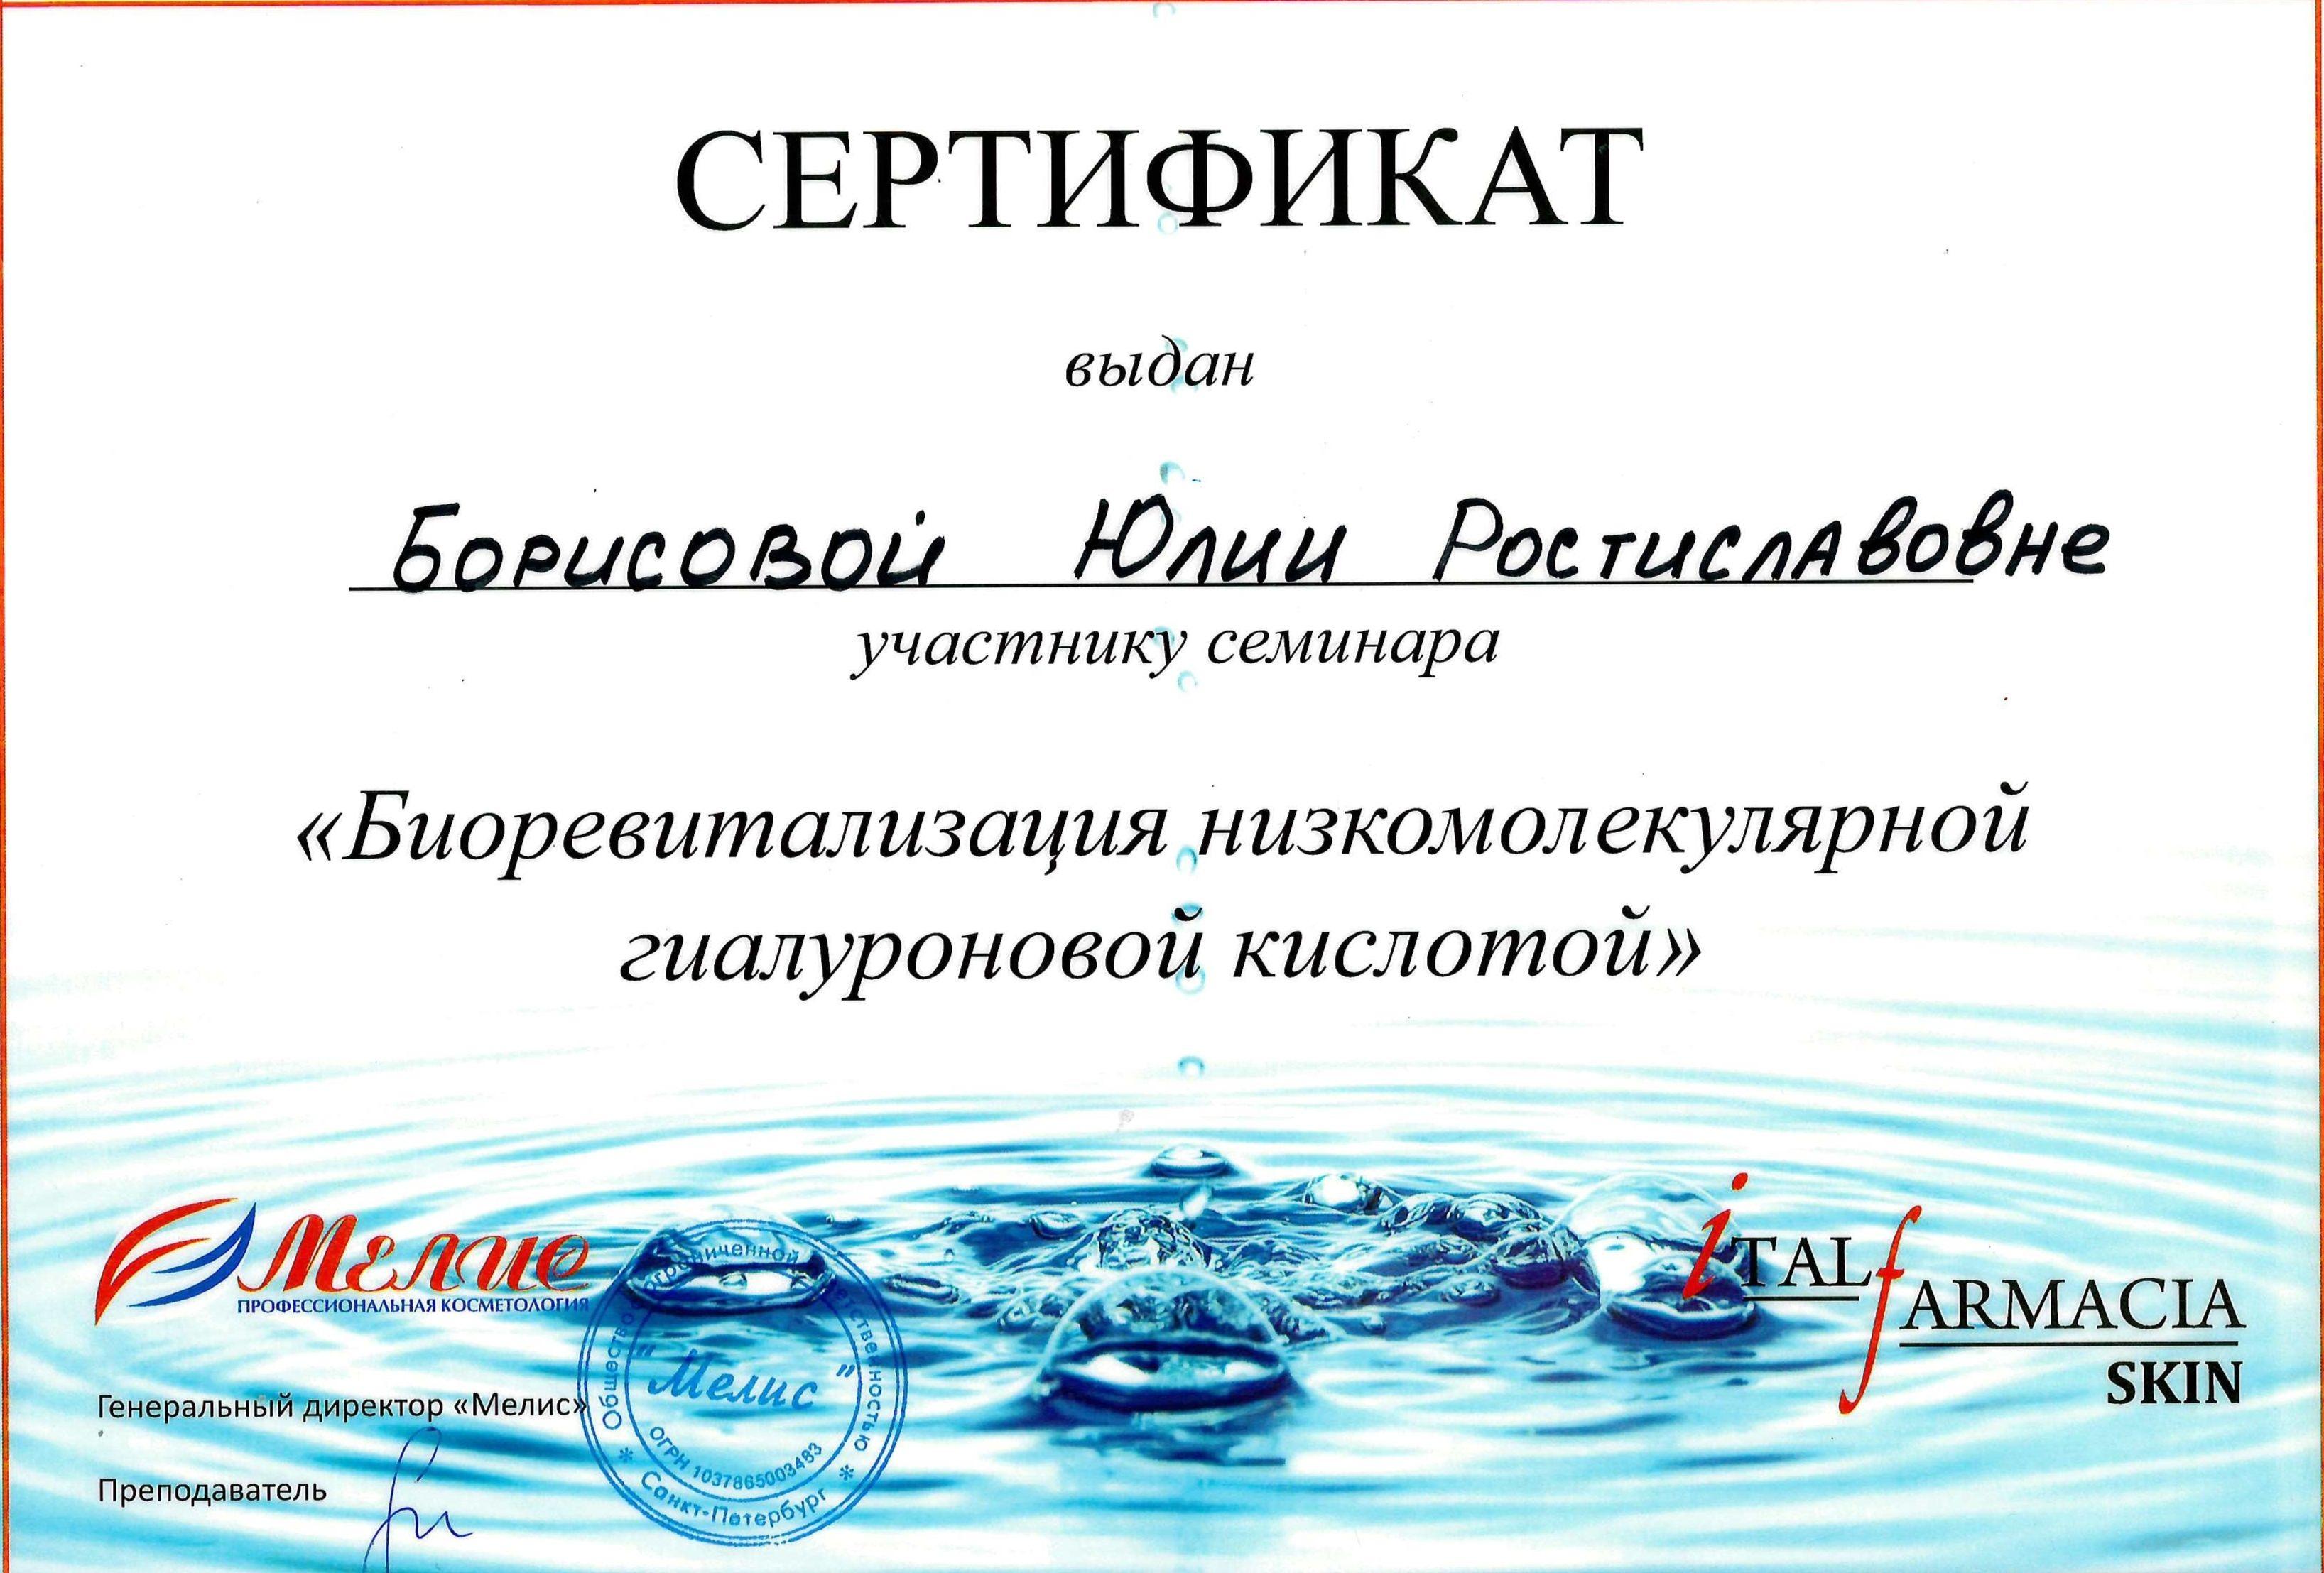 Сертификат Григорьева 10